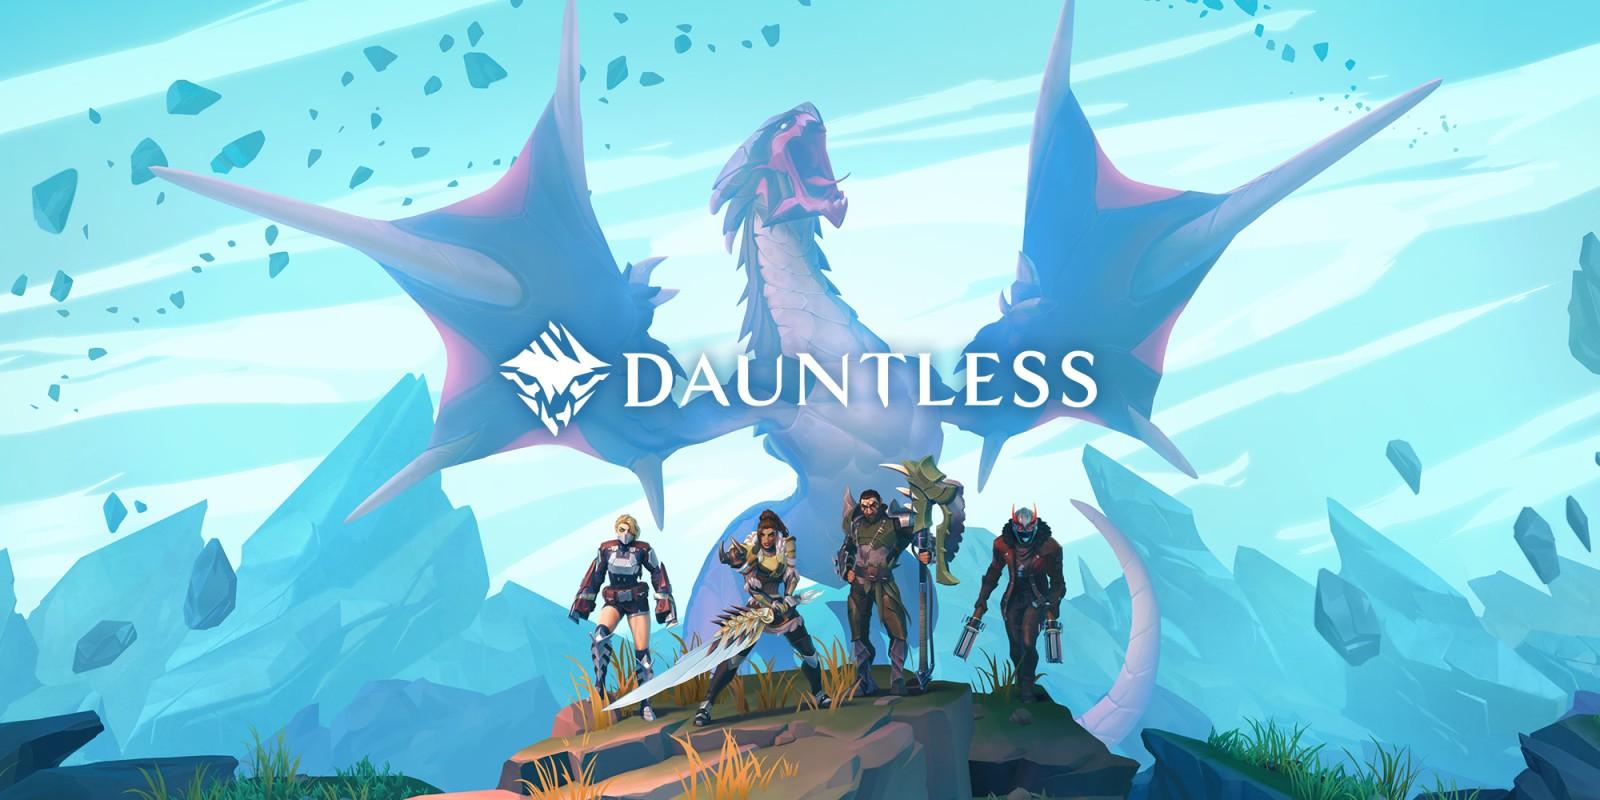 Dauntless op de Nintendo Switch